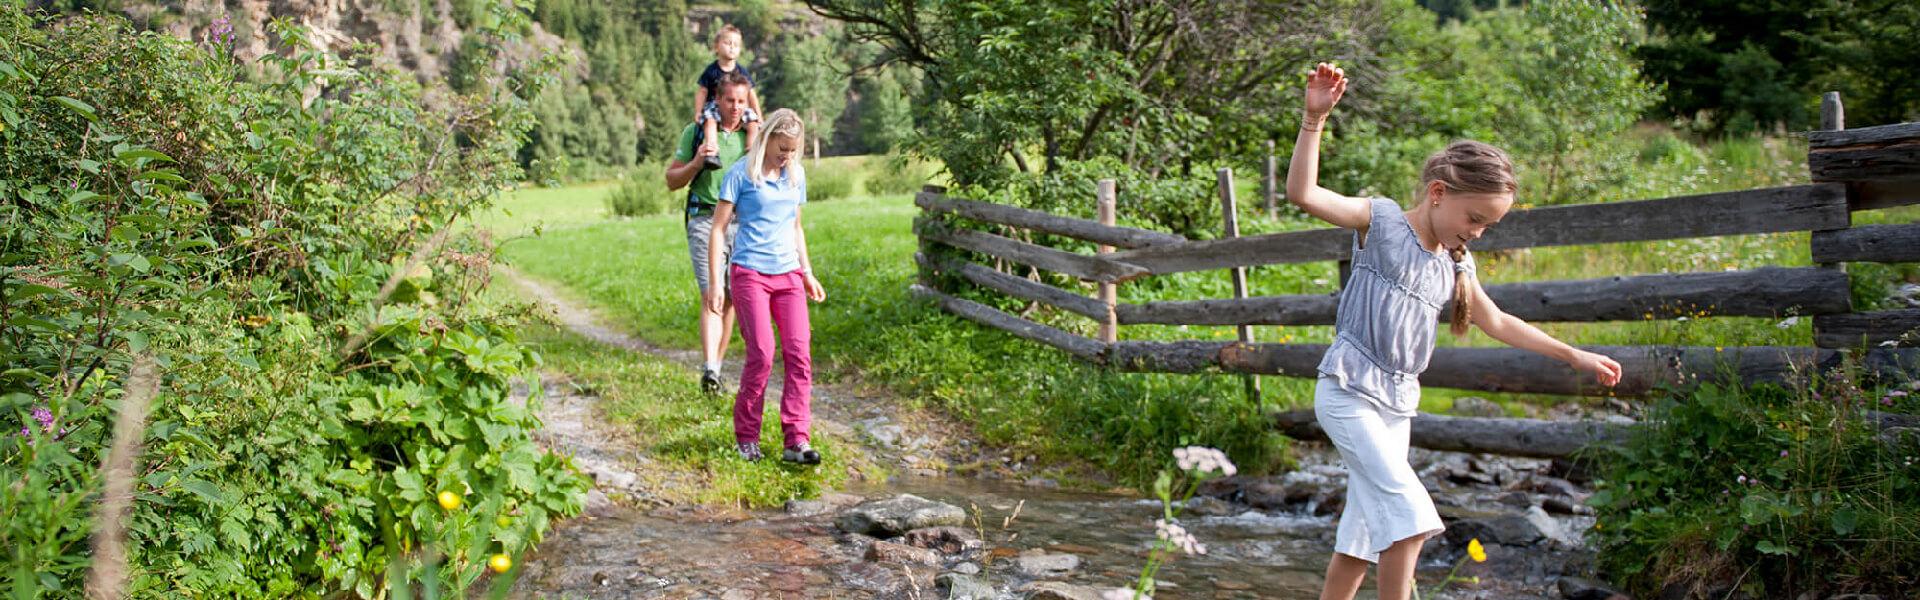 Idee per itinerari ed escursioni nelle Marche fino al 14 Maggio